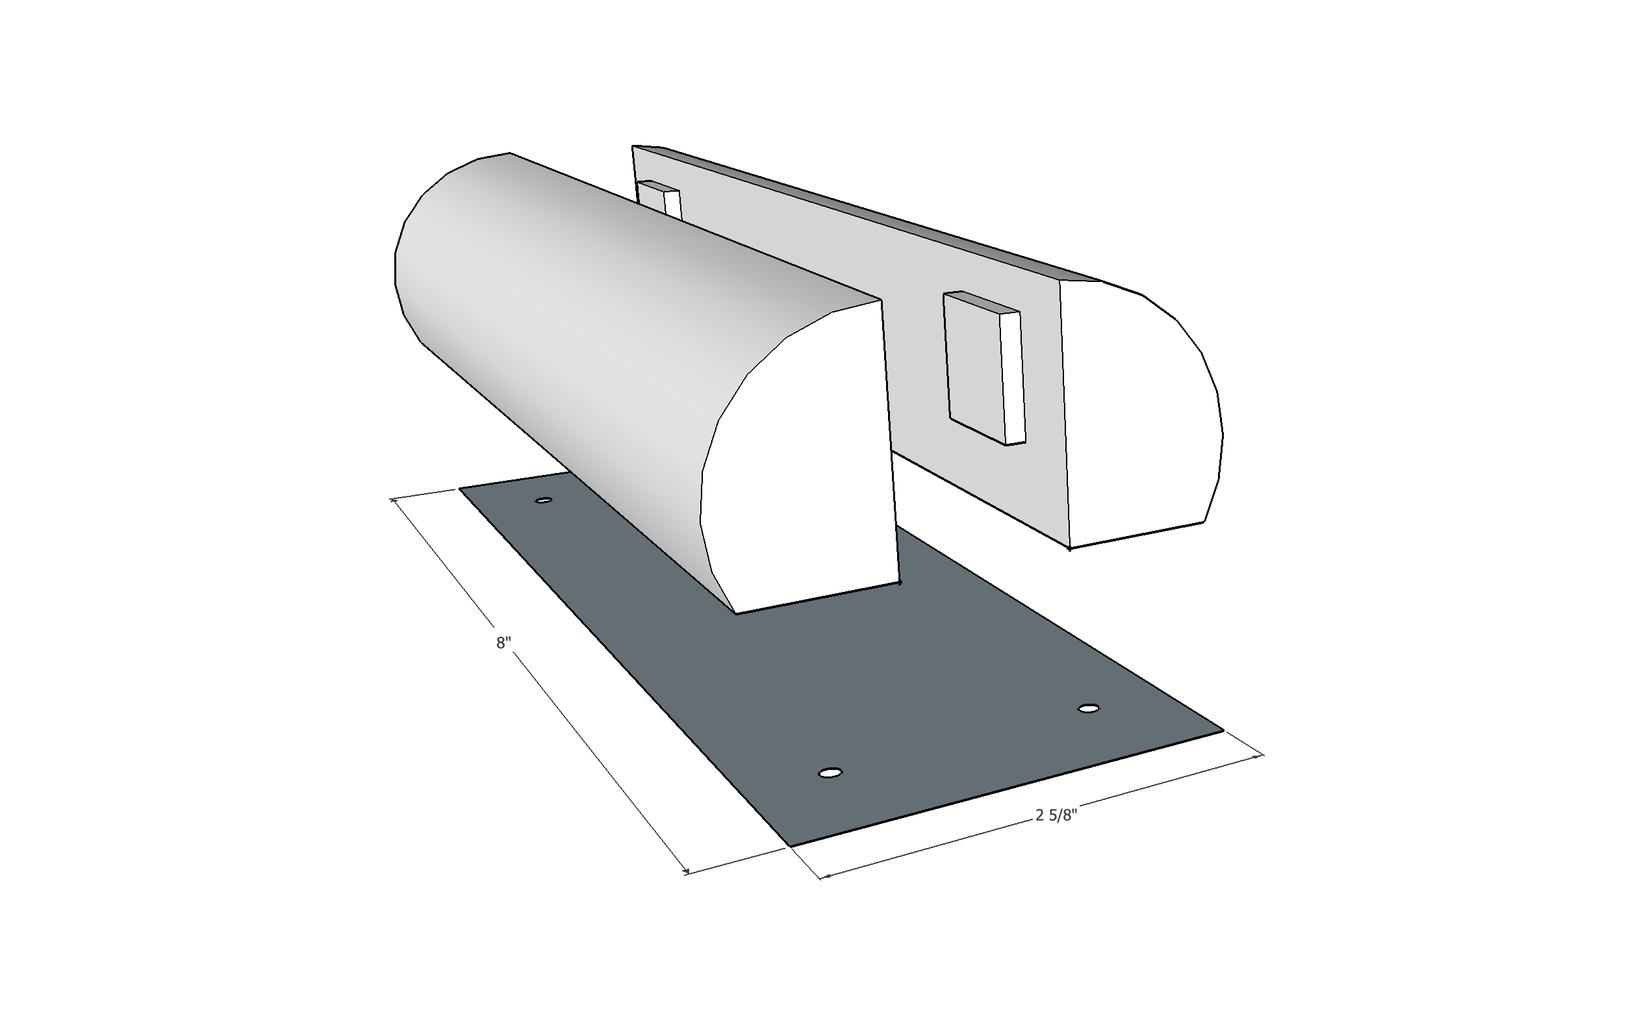 Tools, Materials & Measurements